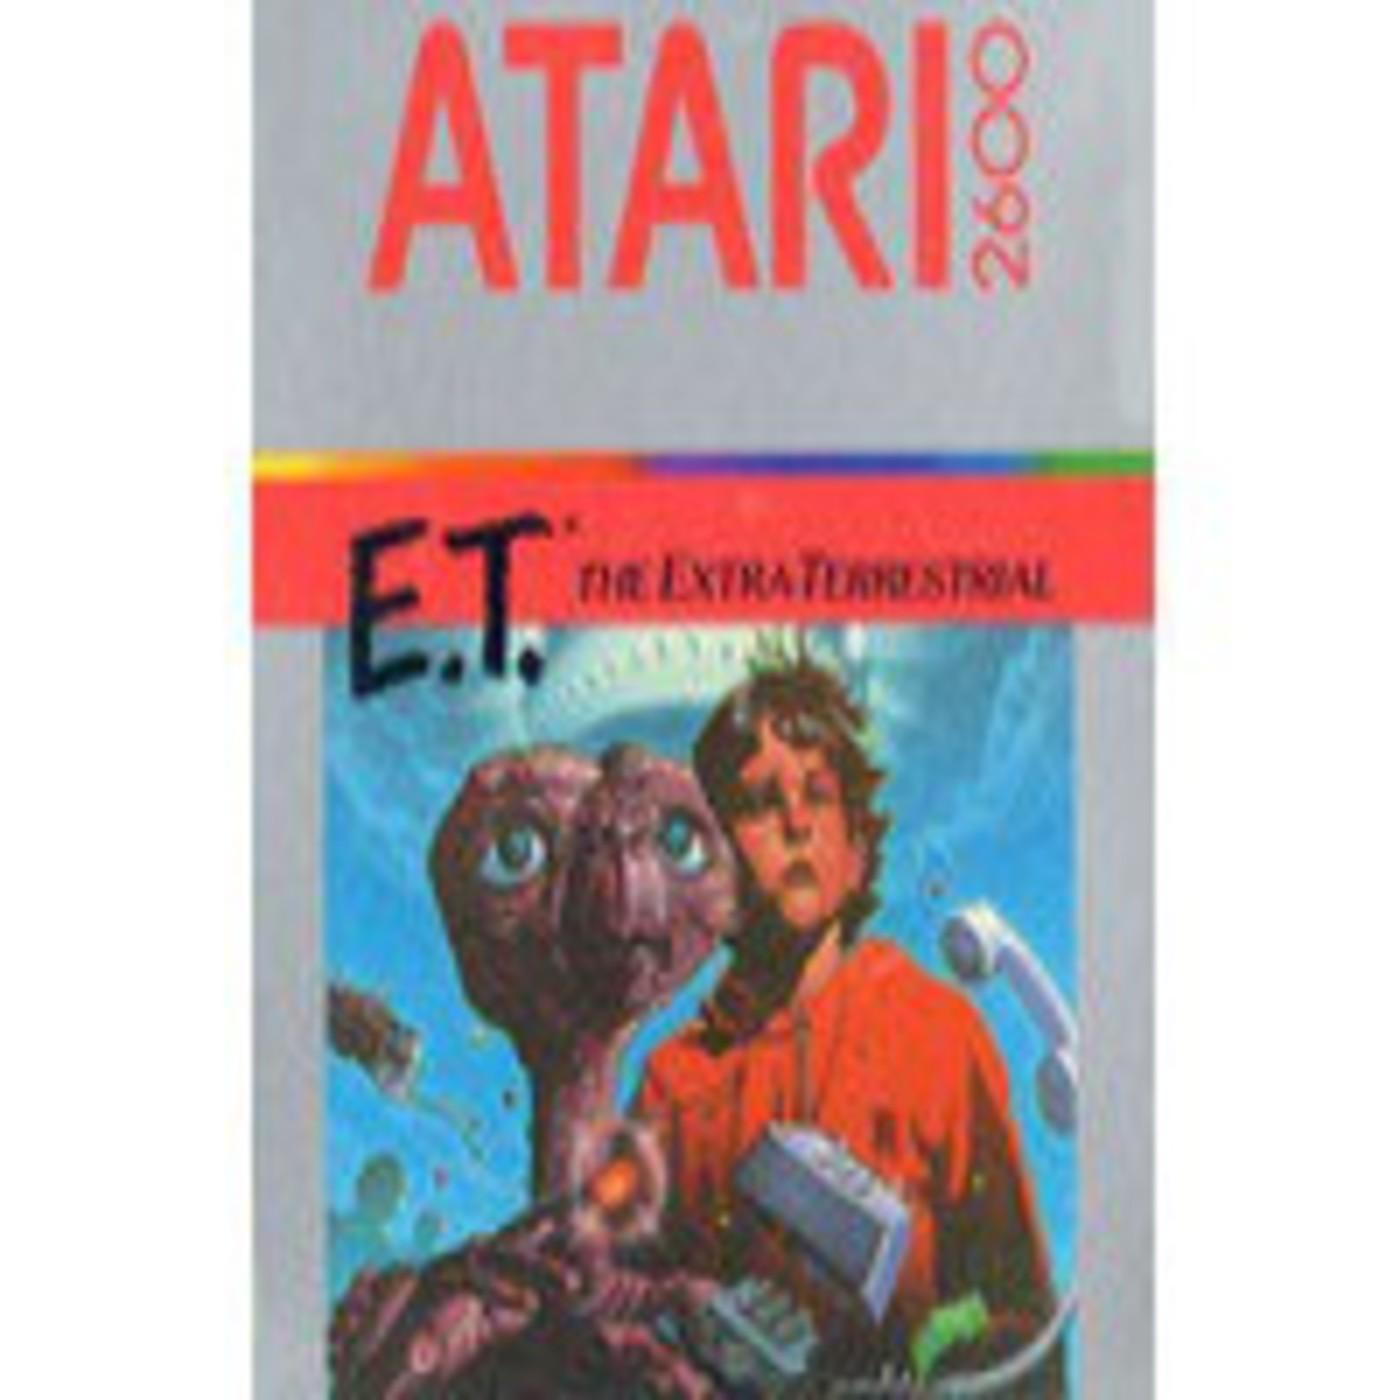 2x17 Atari, muerte y destrucción; VLC bittorrent steraming; Libreoffice 4 y MS Office Linux; El cosmonauta; CopyFarLeft